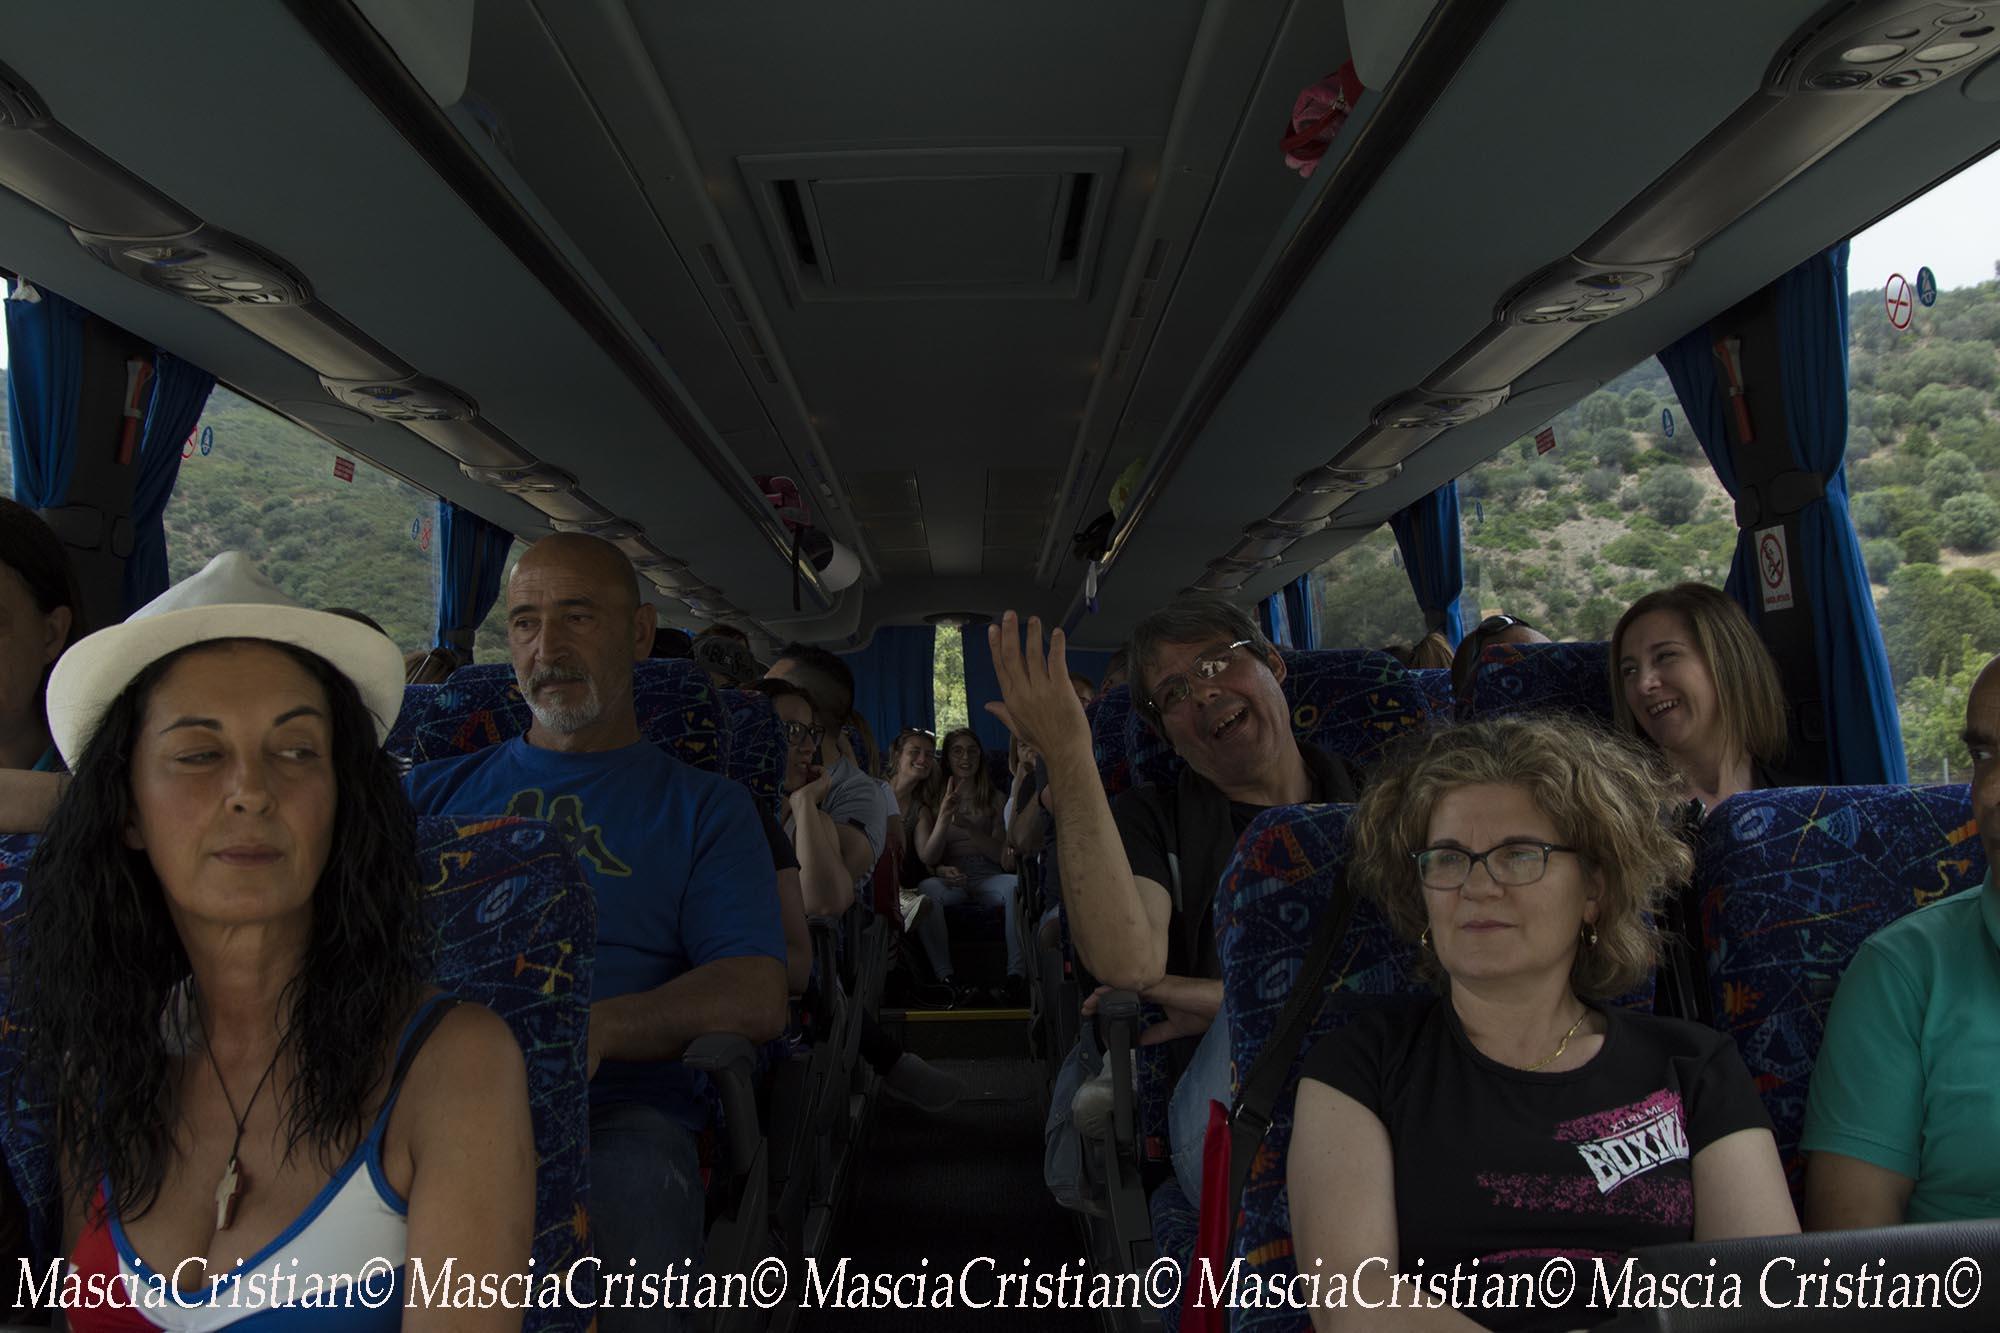 Le foto dei fan di Vasco Rossi - Mascia Cristian,©